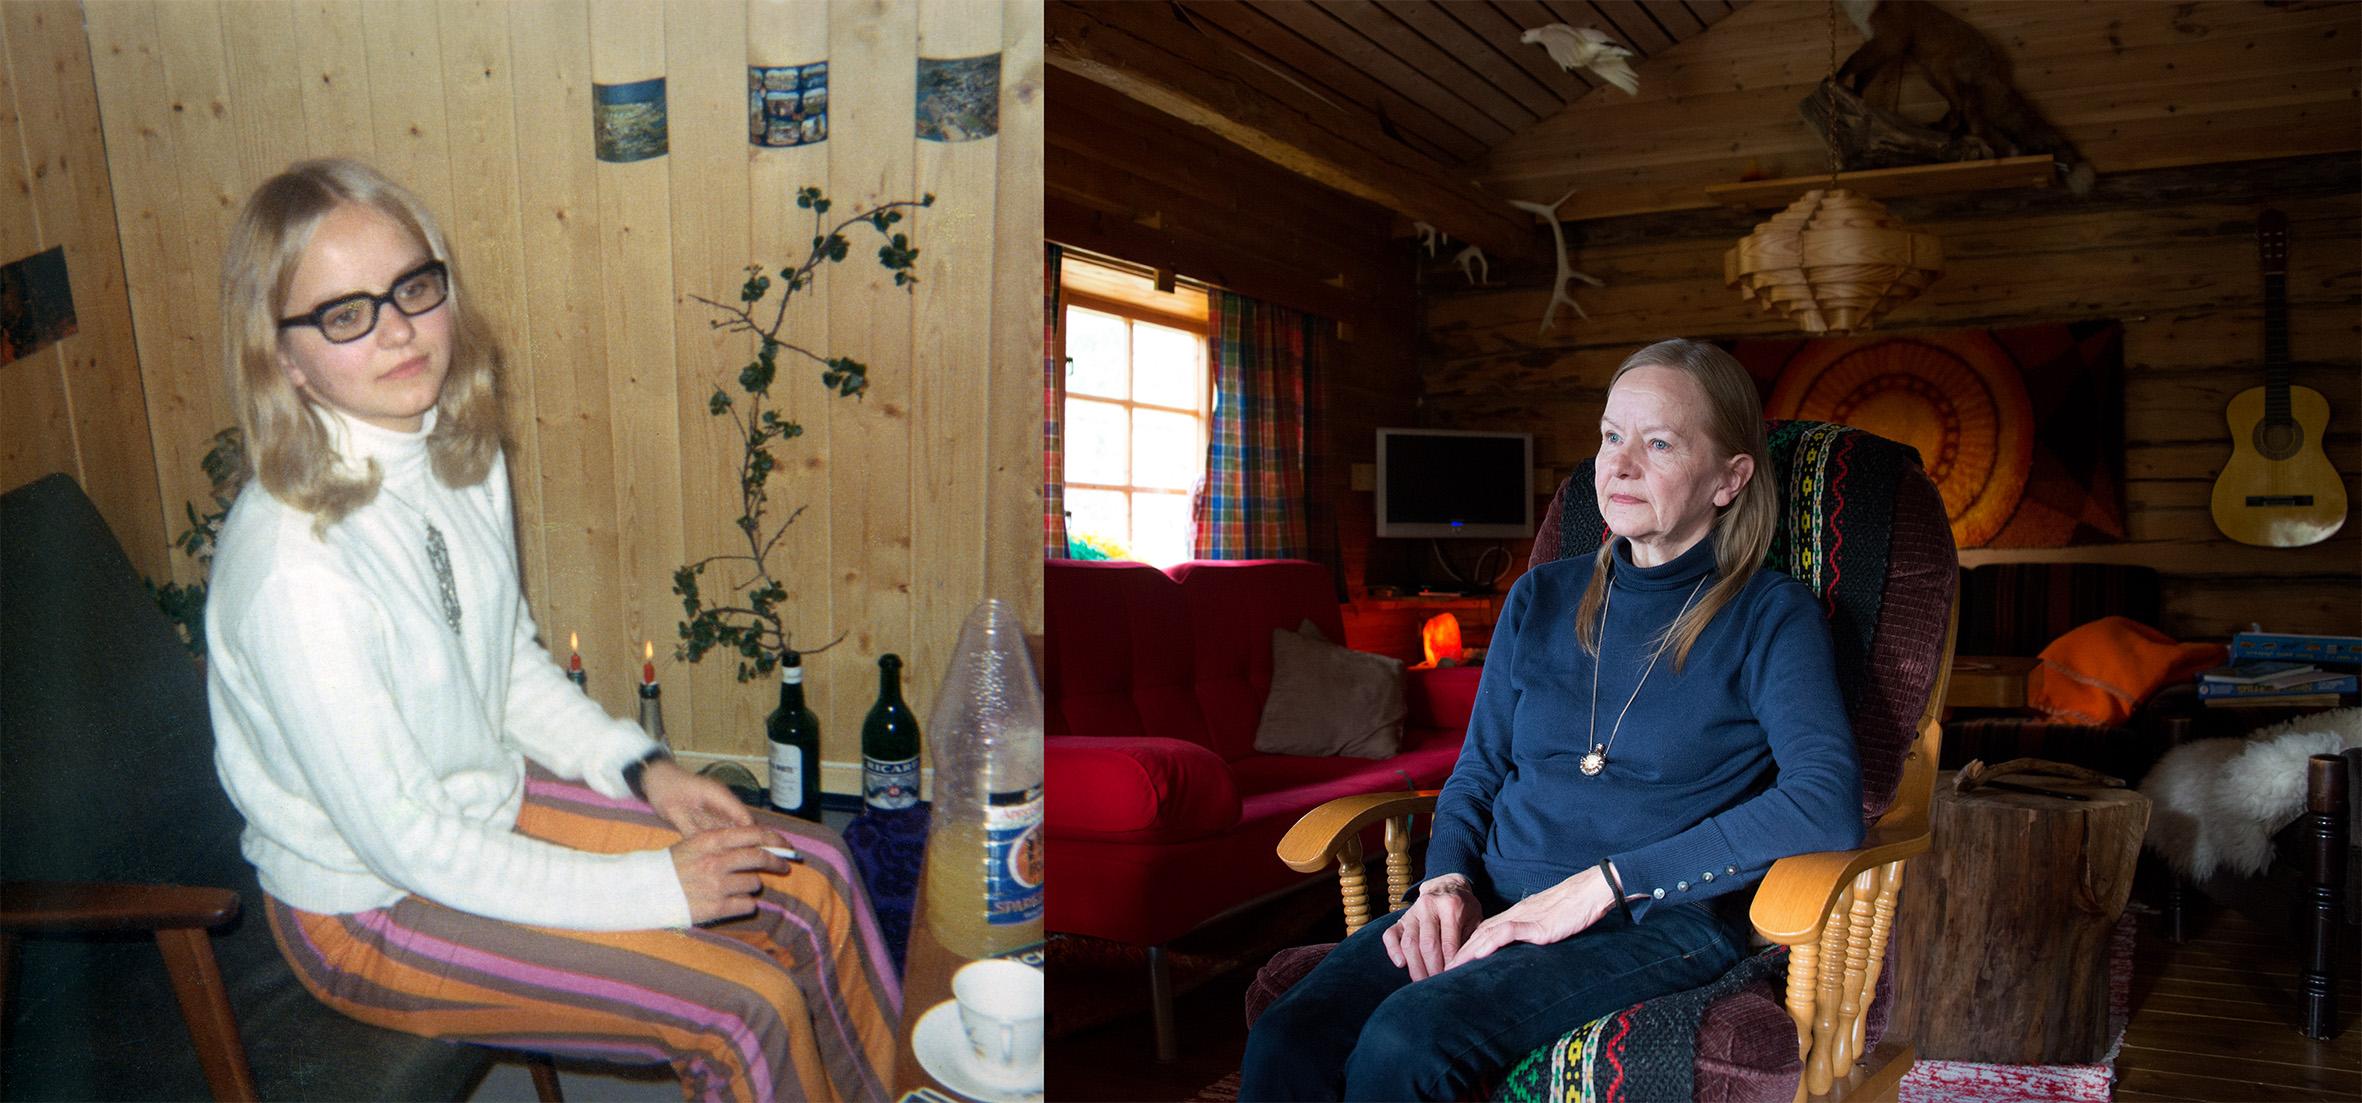 Finlendere i Finnmark